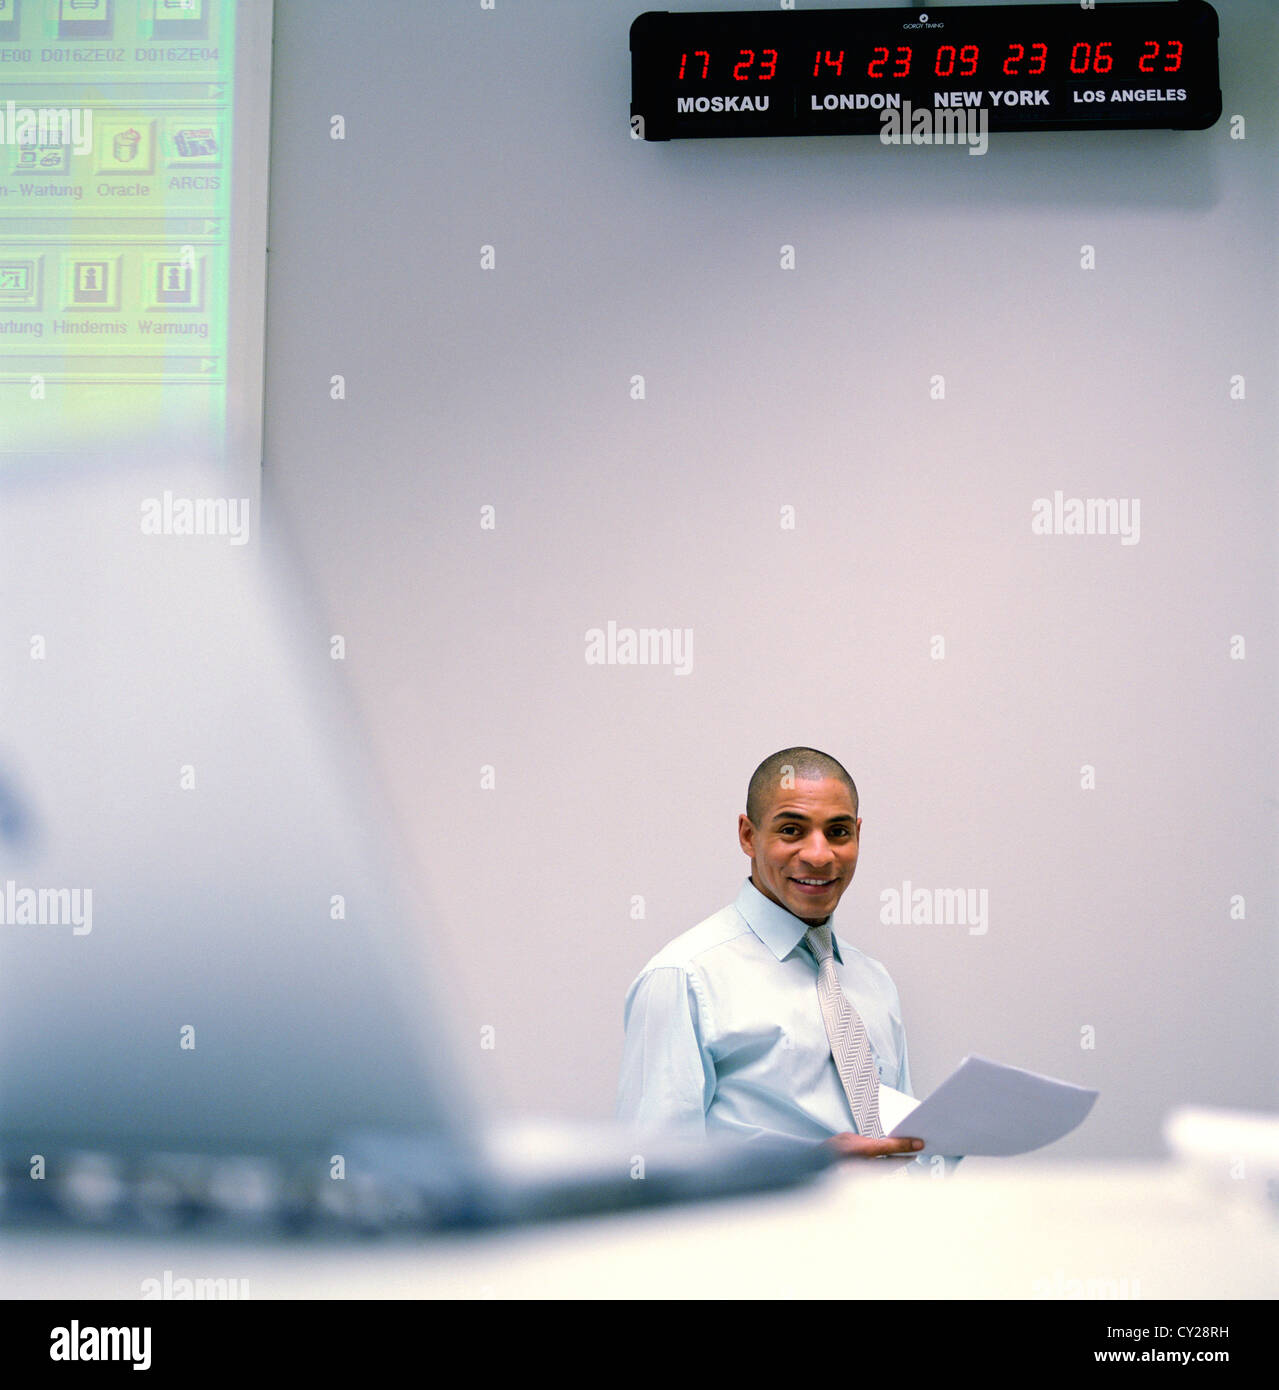 Les gens d'affaires centre de données centre de contrôle de l'homme bureau Horloge mondiale Licence gratuite sauf annonces et panneaux publicitaires extérieurs Banque D'Images